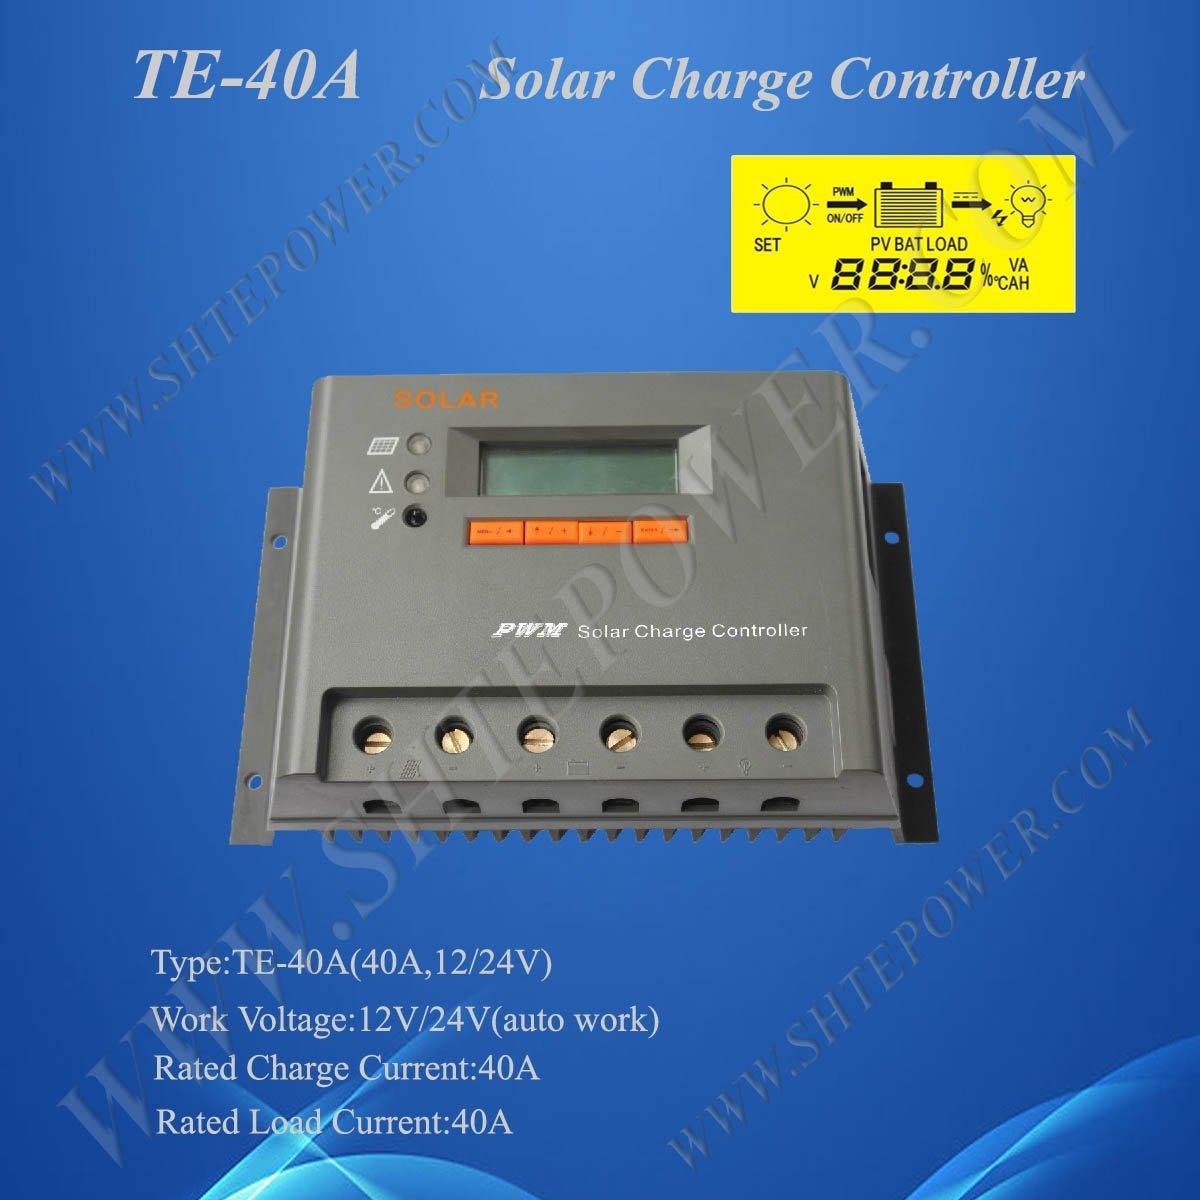 ШИМ Контроллер заряда 12 В/24 В Авто Работа 40A, солнечный pv контроллера заряда с 2 года гарантии